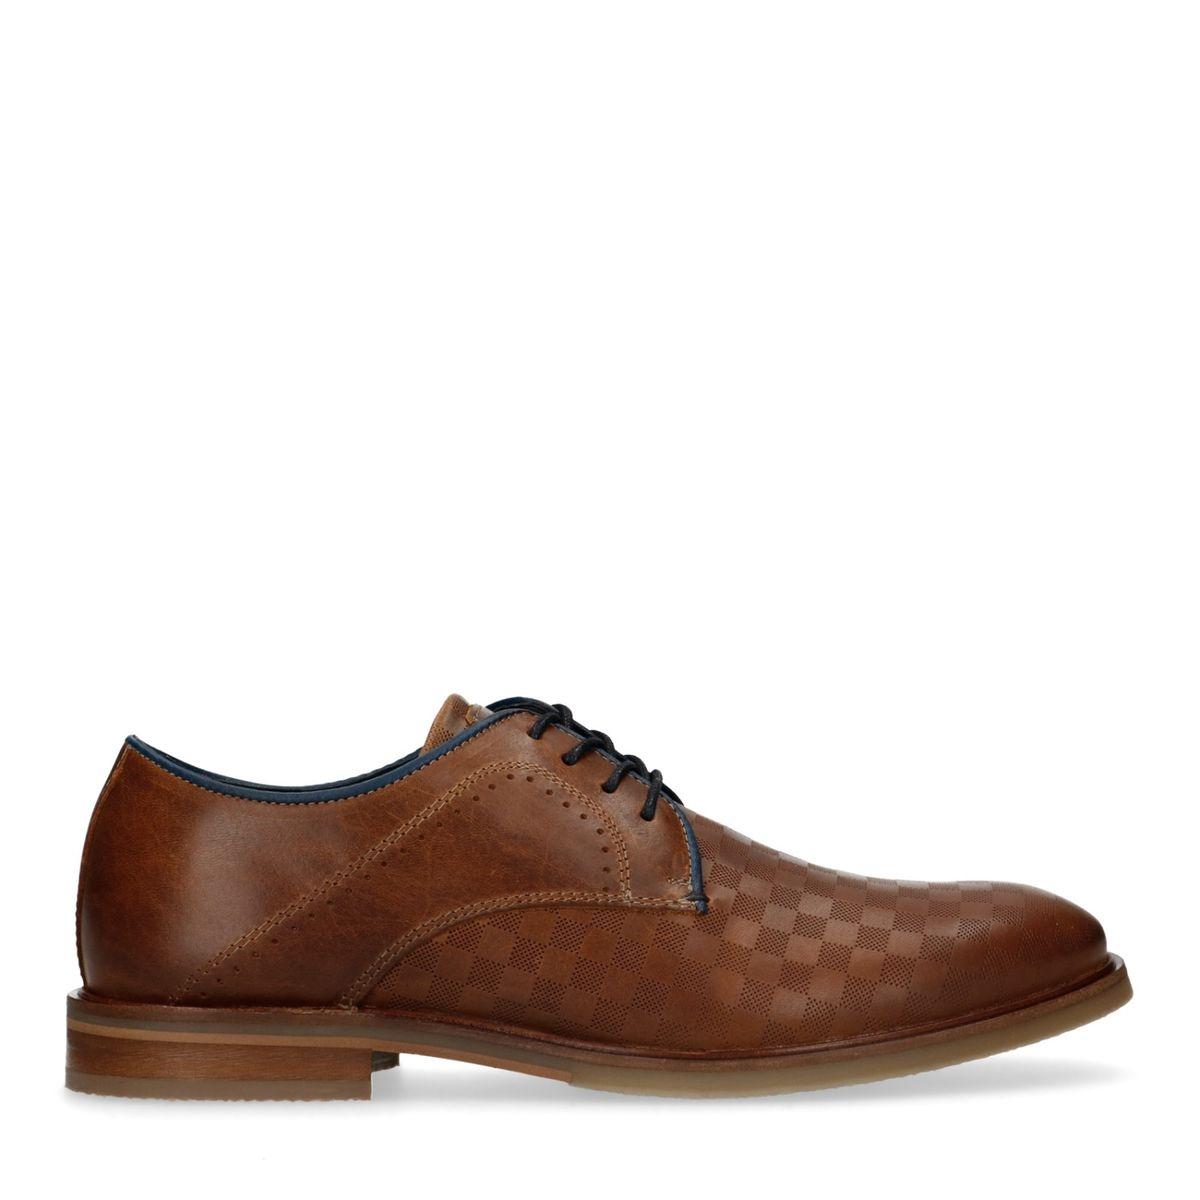 Chaussures à lacets en cuir avec imprimé carreaux